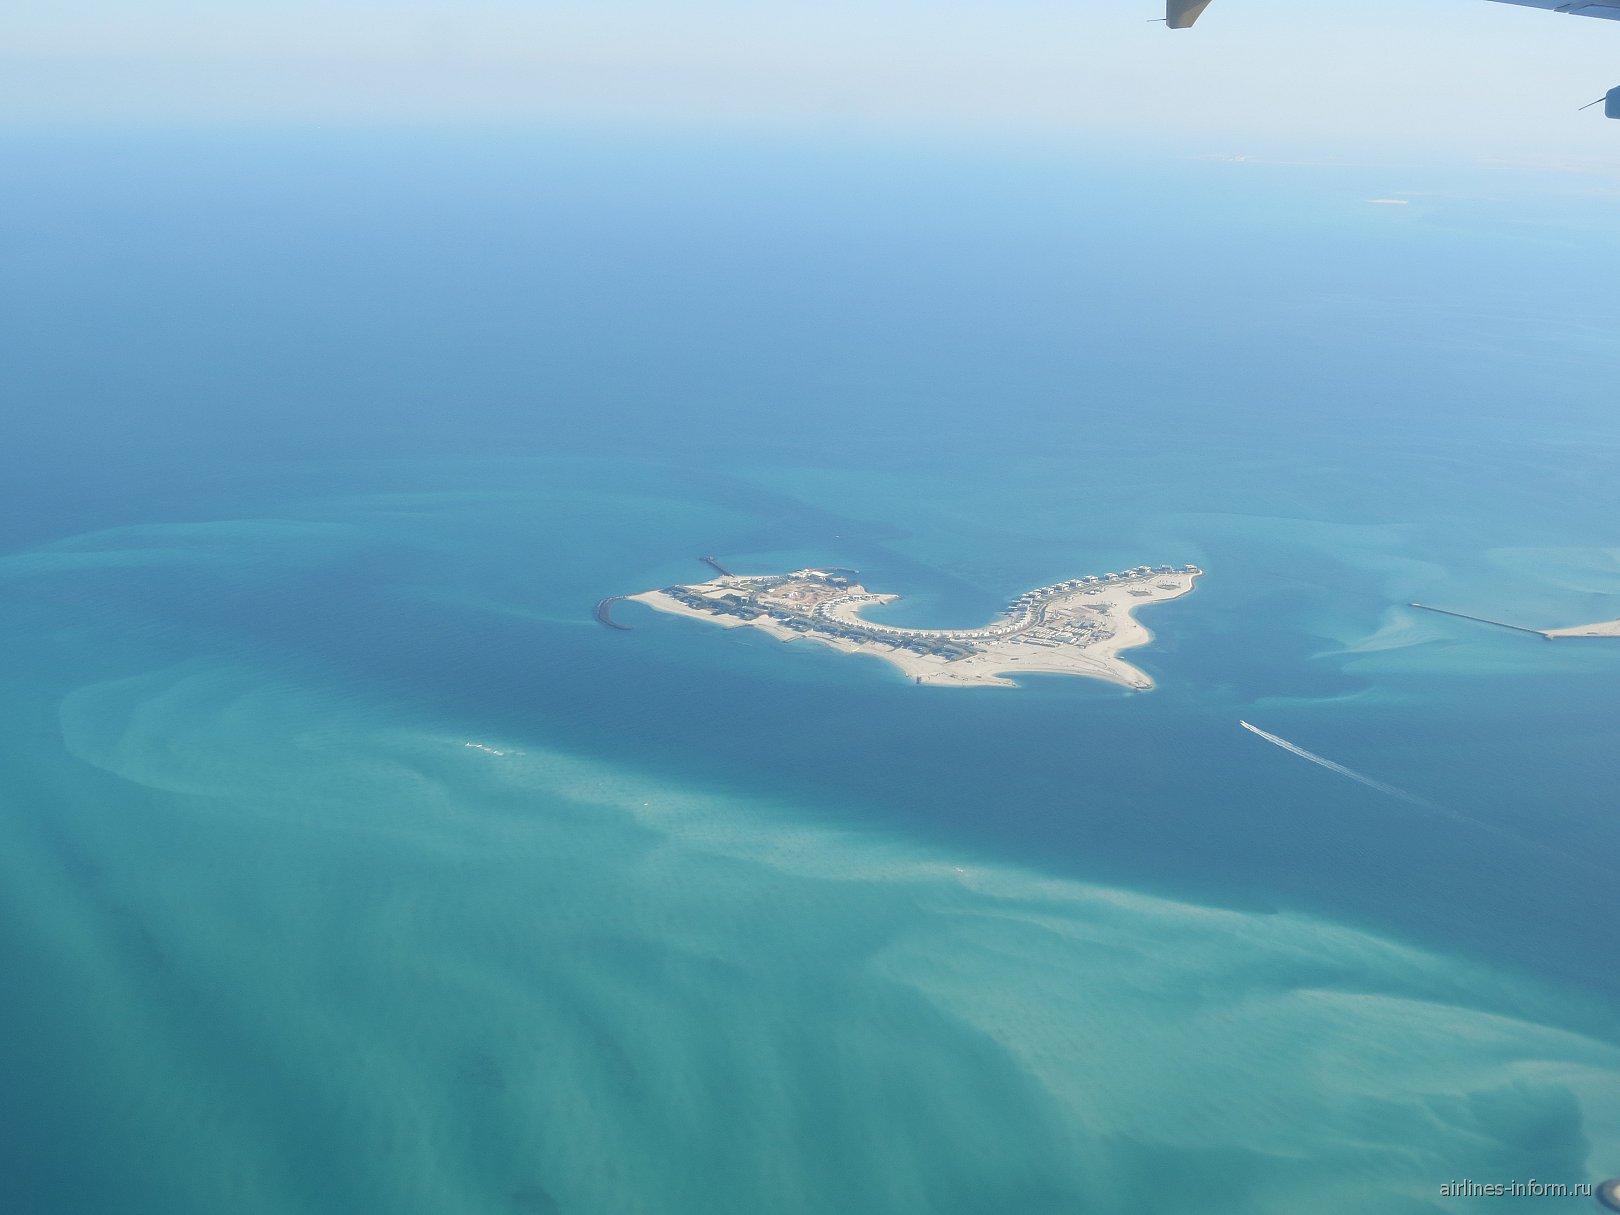 Остров в Персидском заливе перед посадкой в аэропорту Абу-Даби